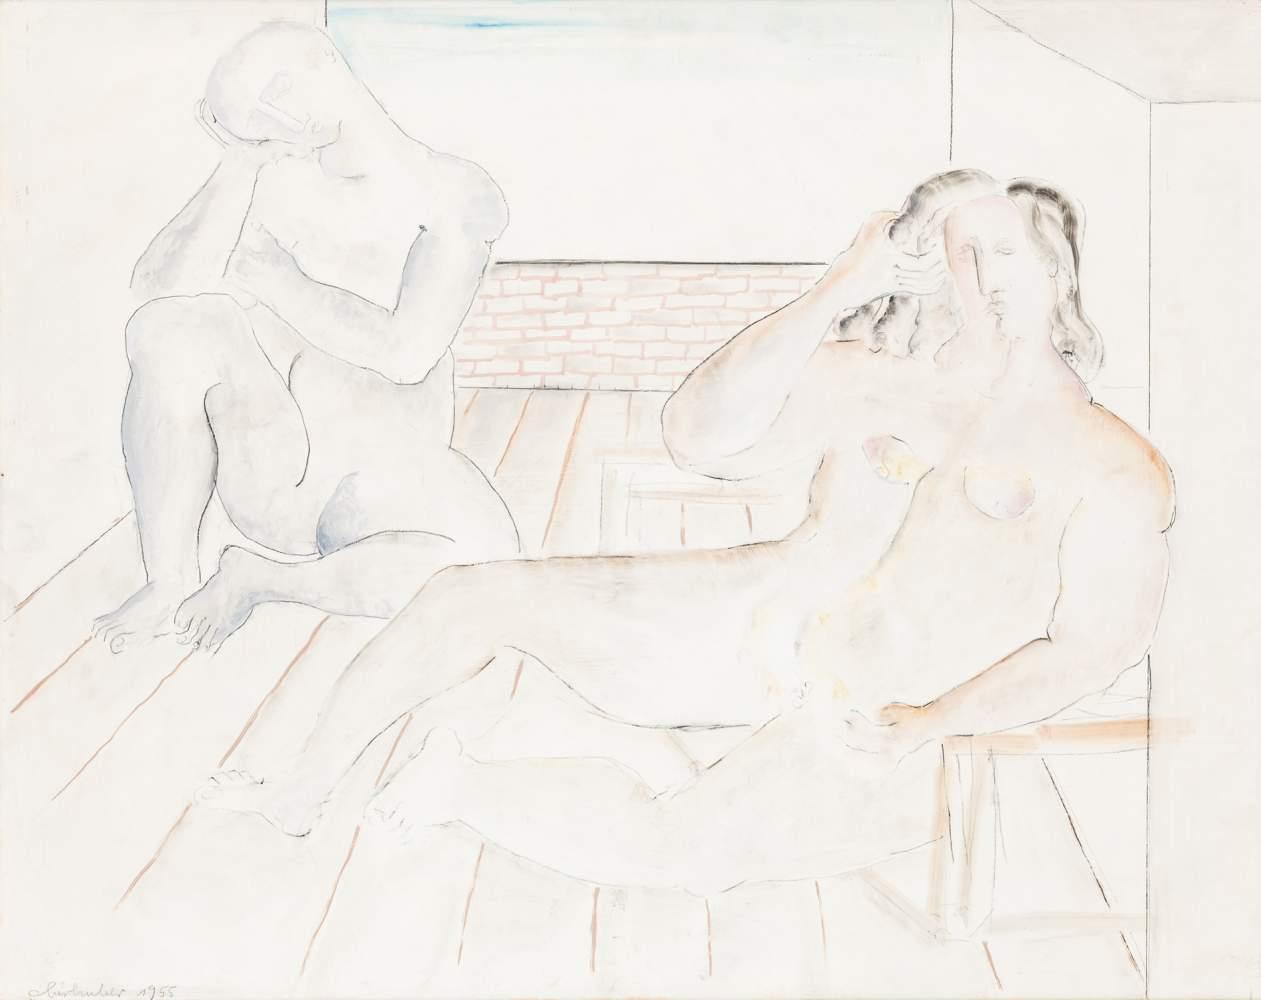 Oswald Oberhuber (Meran 1931 geb.)  Traum Öl auf Platte 61 x 75 cm 1955 links unten signiert und